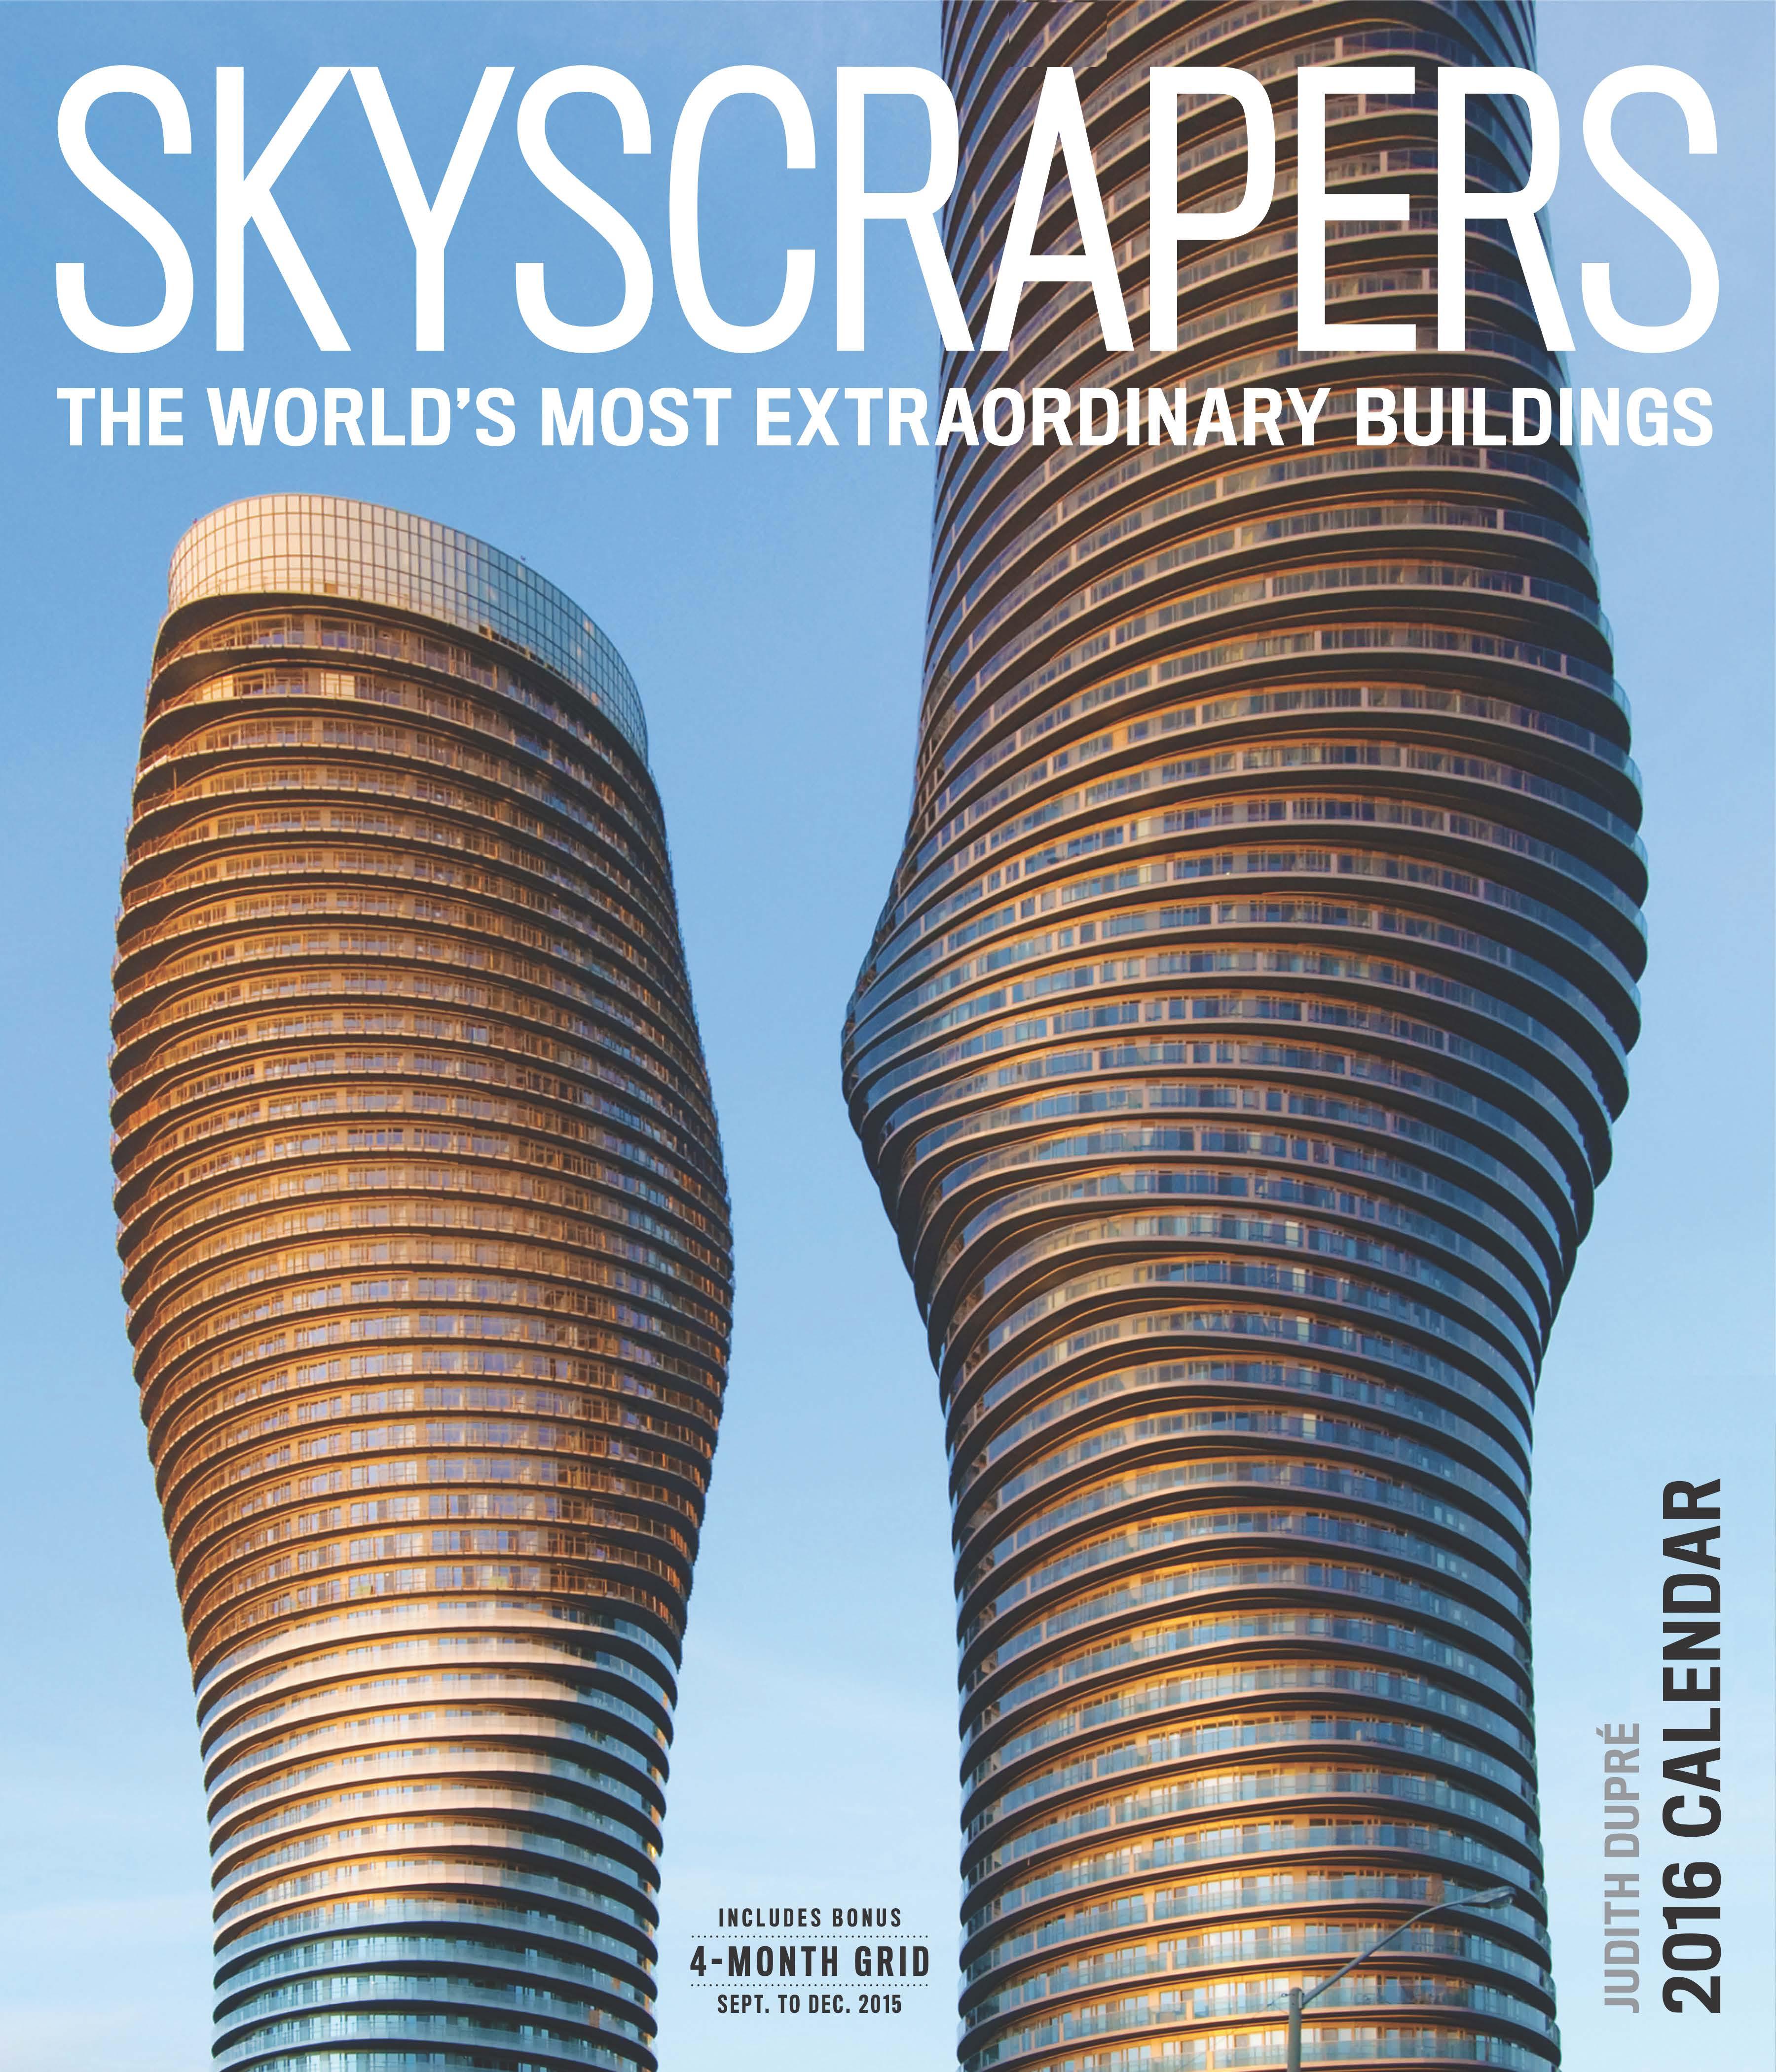 SkyscraperCalendarCover_2015